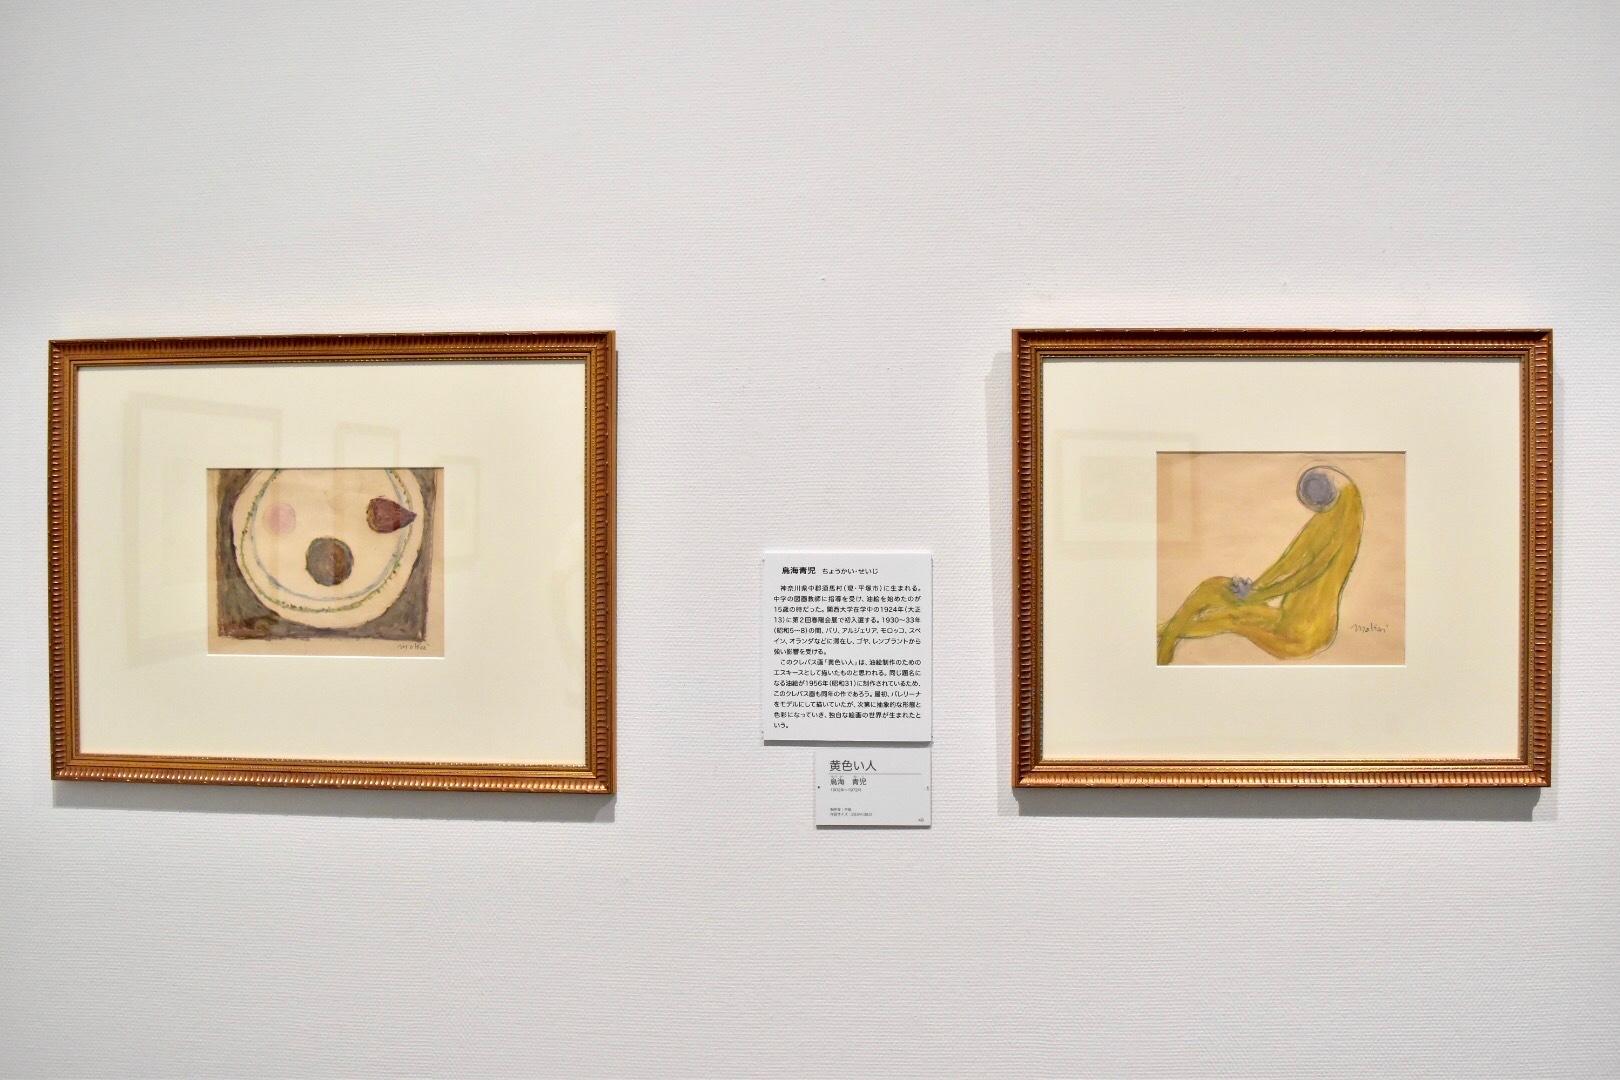 左:鳥海青児 《皿といちじく》制作年不明 右:鳥海青児 《黄色い人》制作年不明